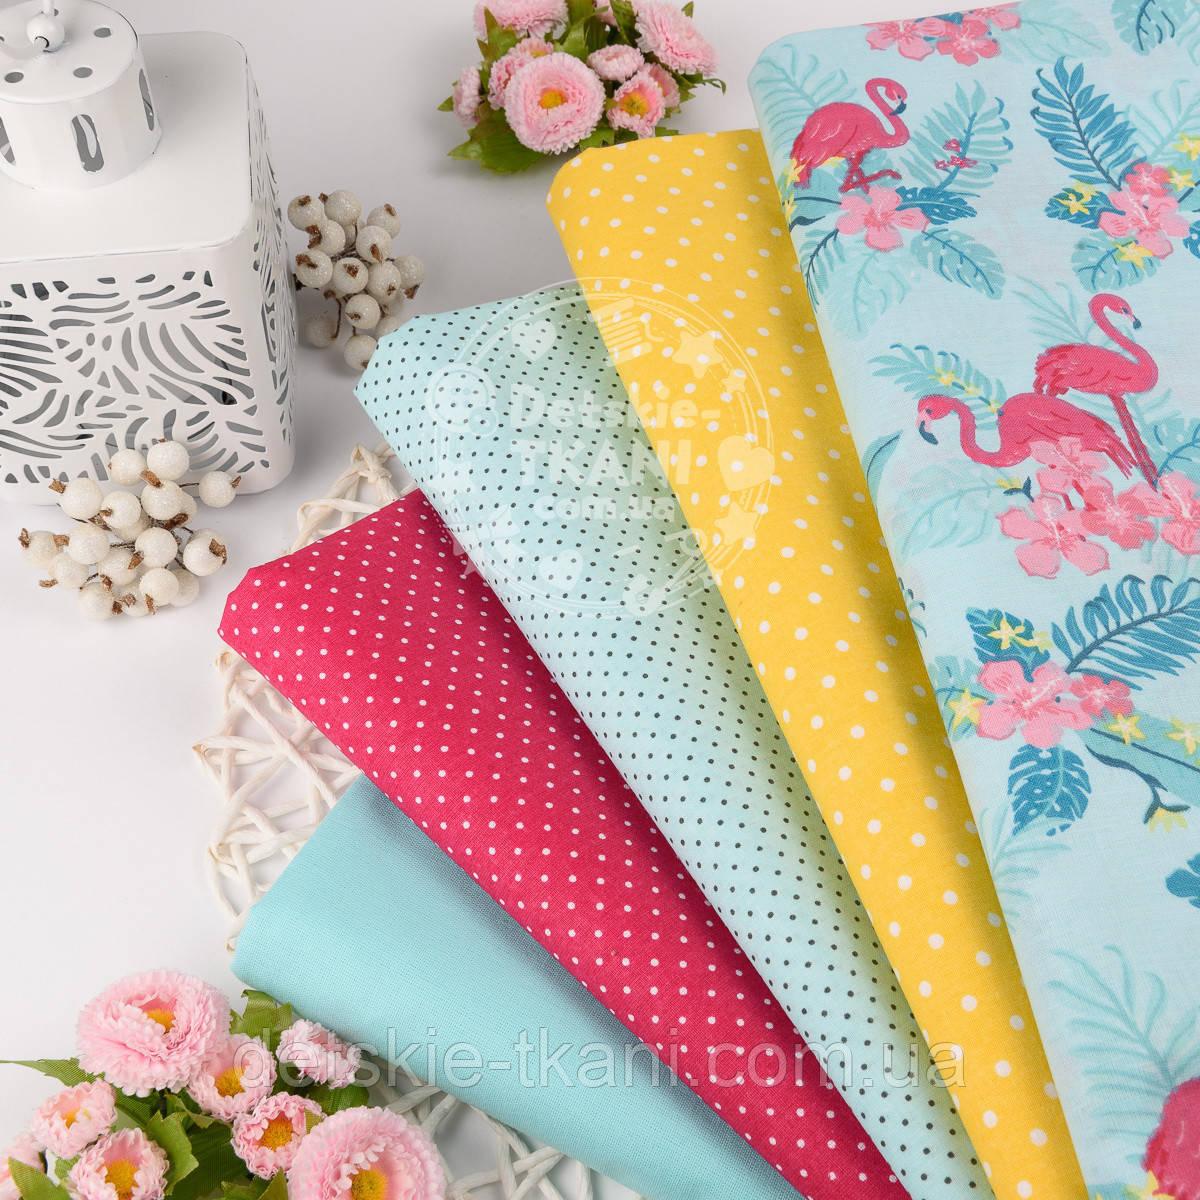 Ткань хлопковая с фламинго и цветами в сочетании с другими тканями.